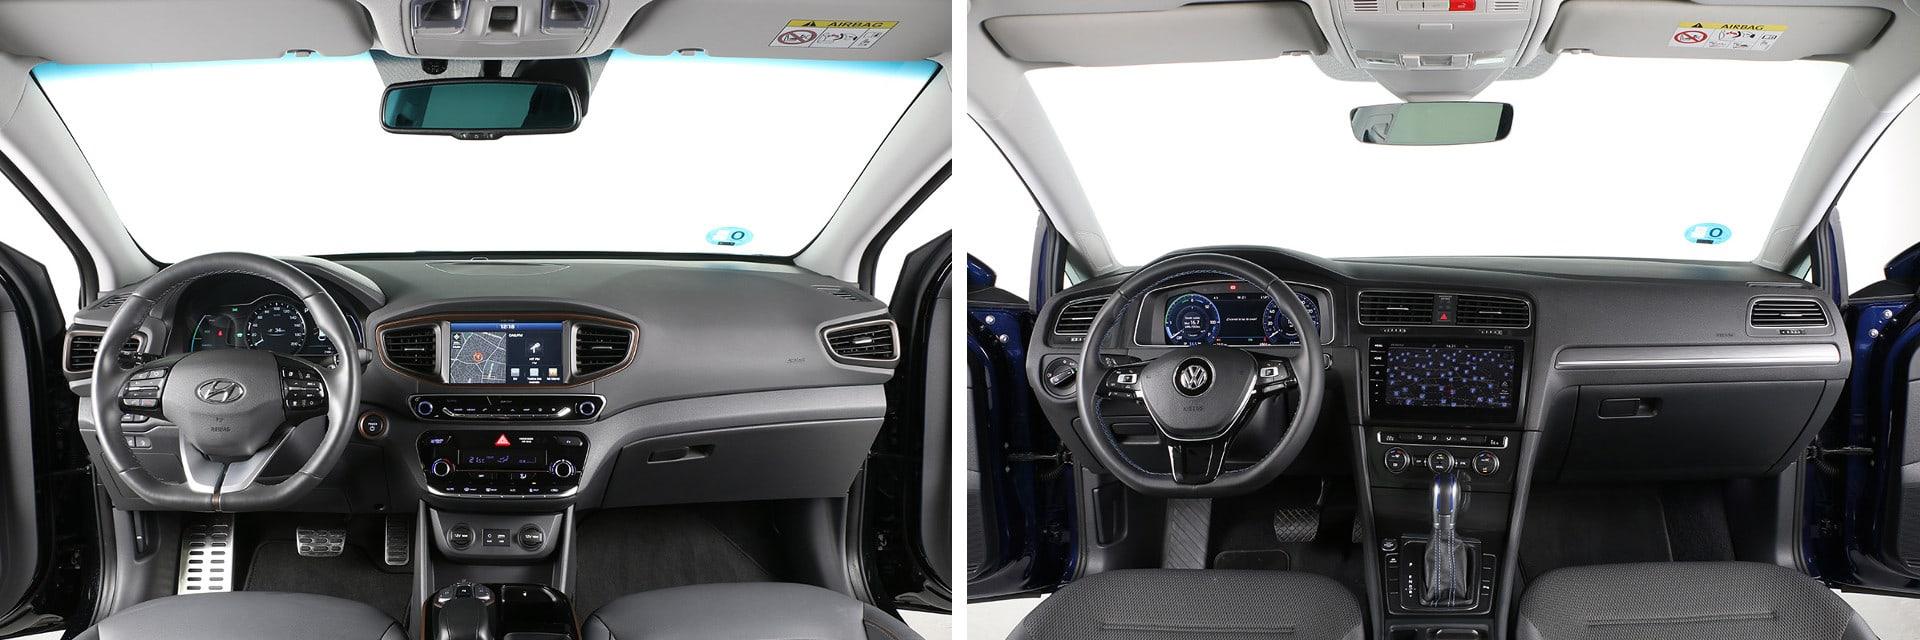 Los dos acabados usan materiales de buena calidad y ninguno ocasiona crujidos durante la conducción.